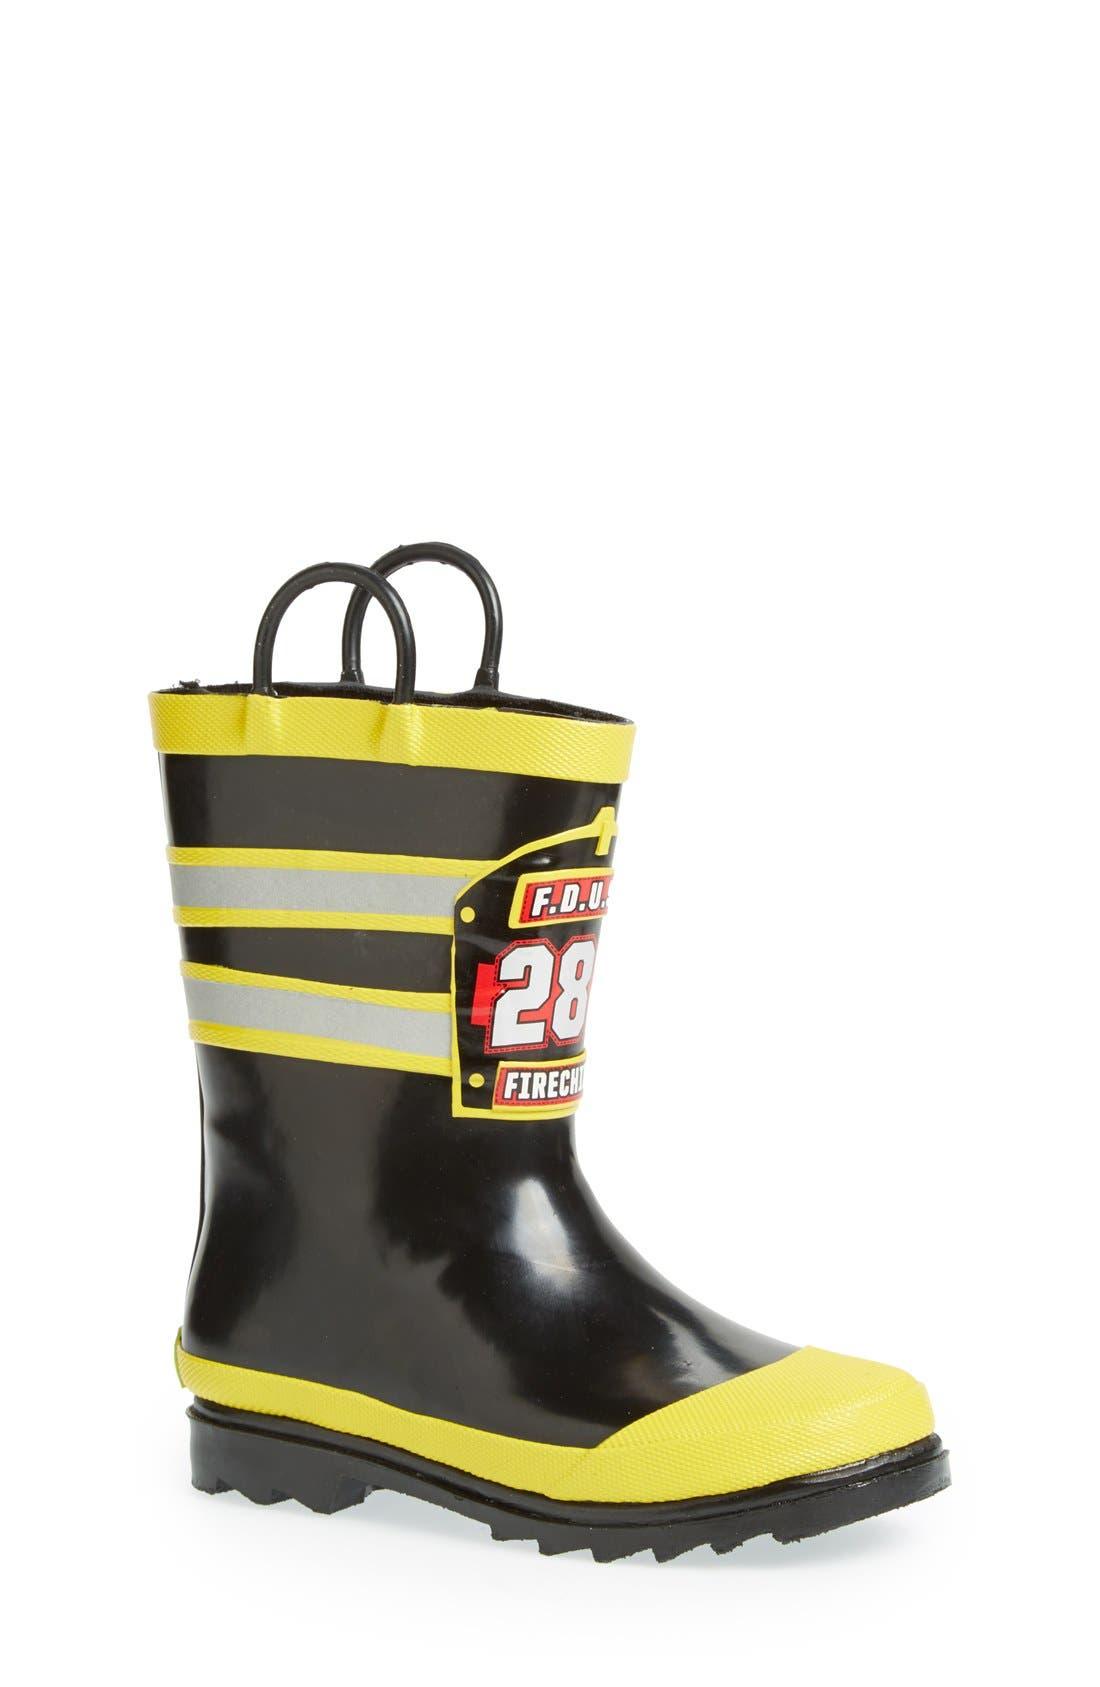 F.D.U.S.A. Rain Boot,                             Main thumbnail 1, color,                             BLACK